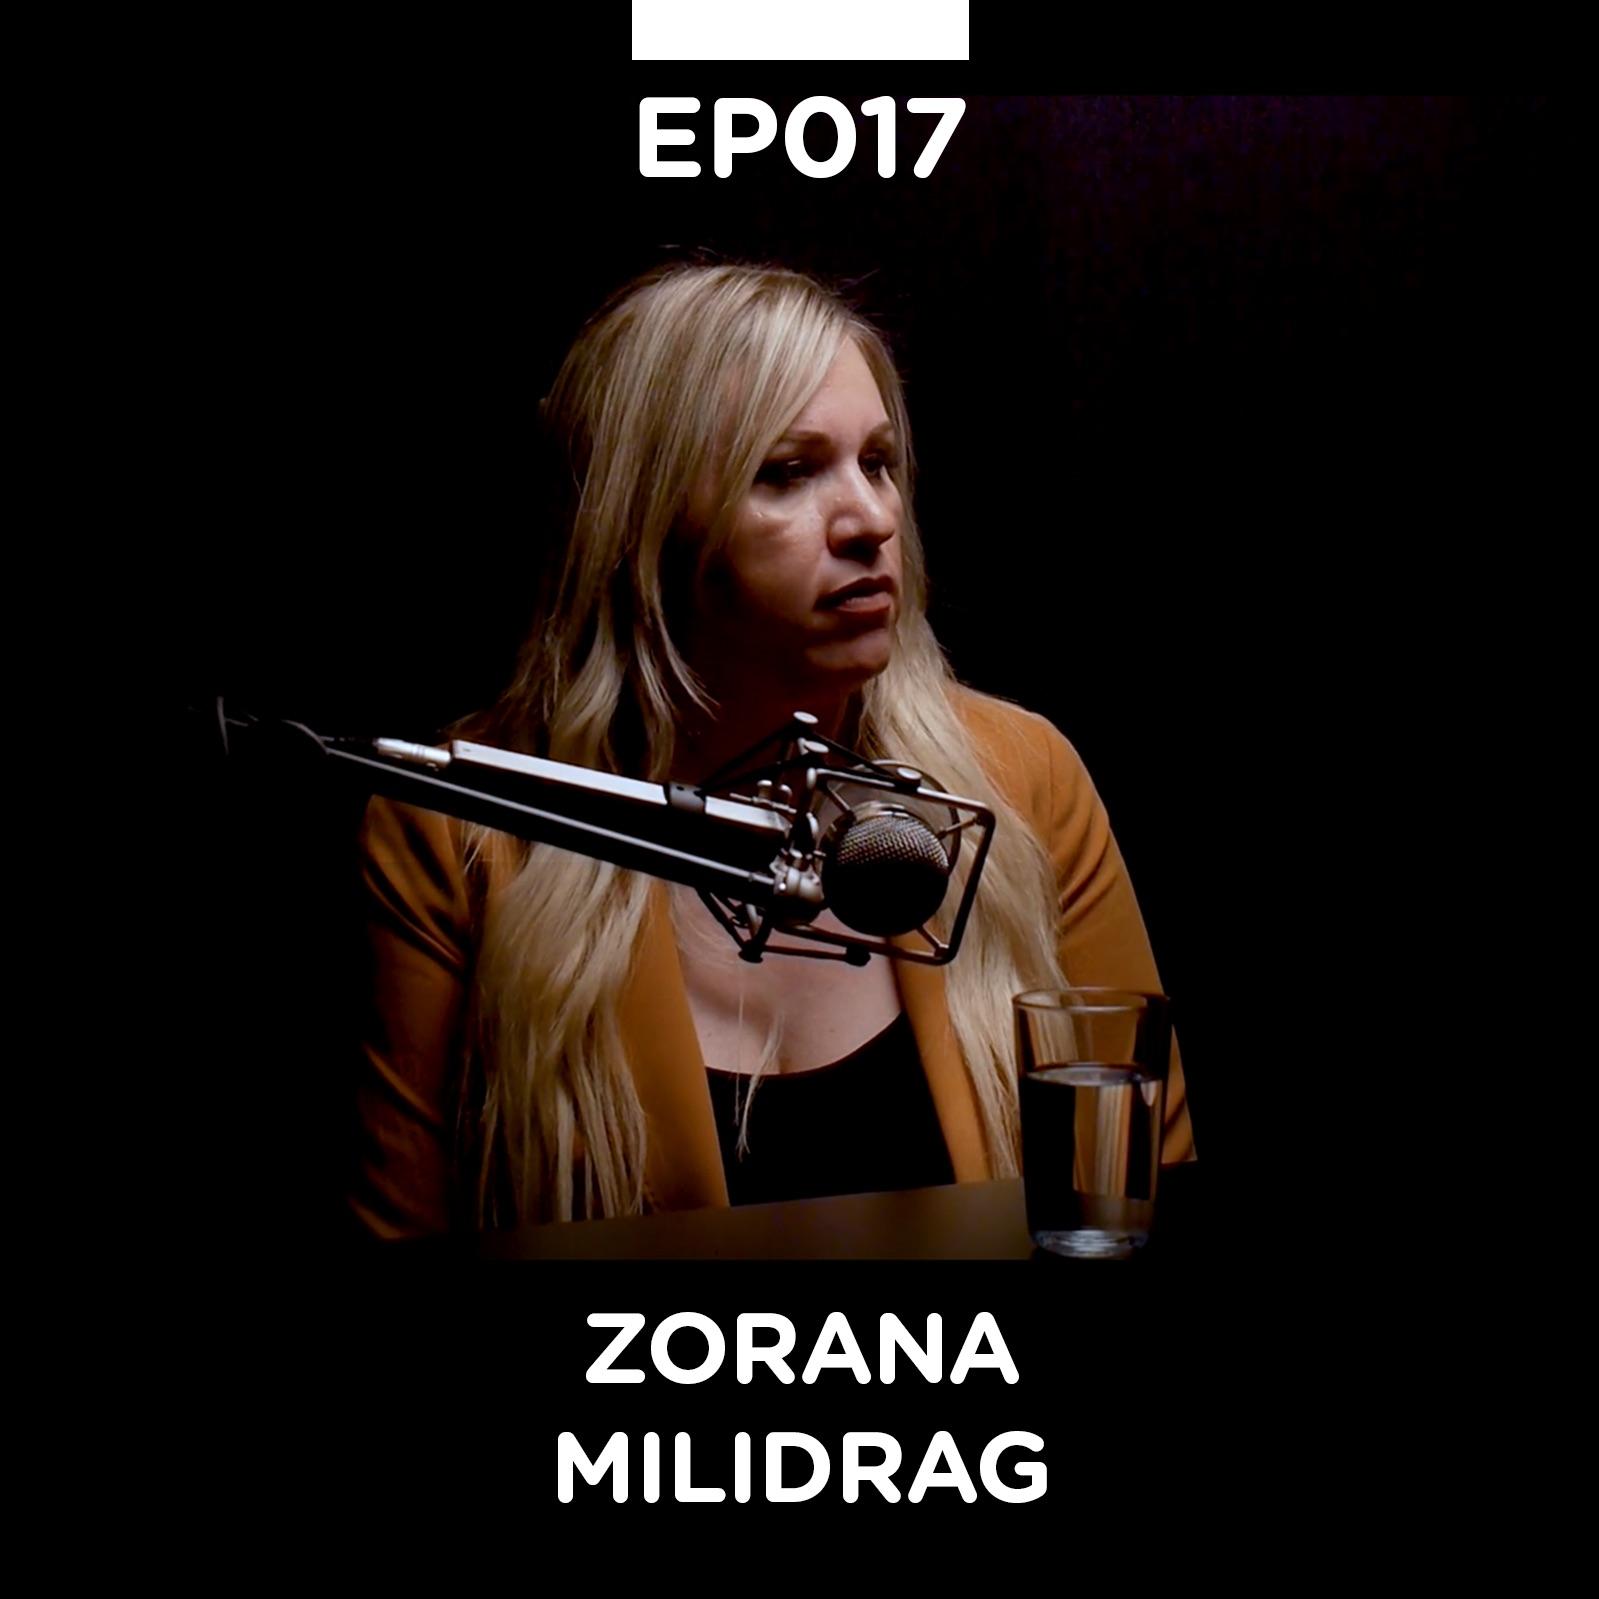 EP 017: Zorana Milidrag - Pojačalo podcast